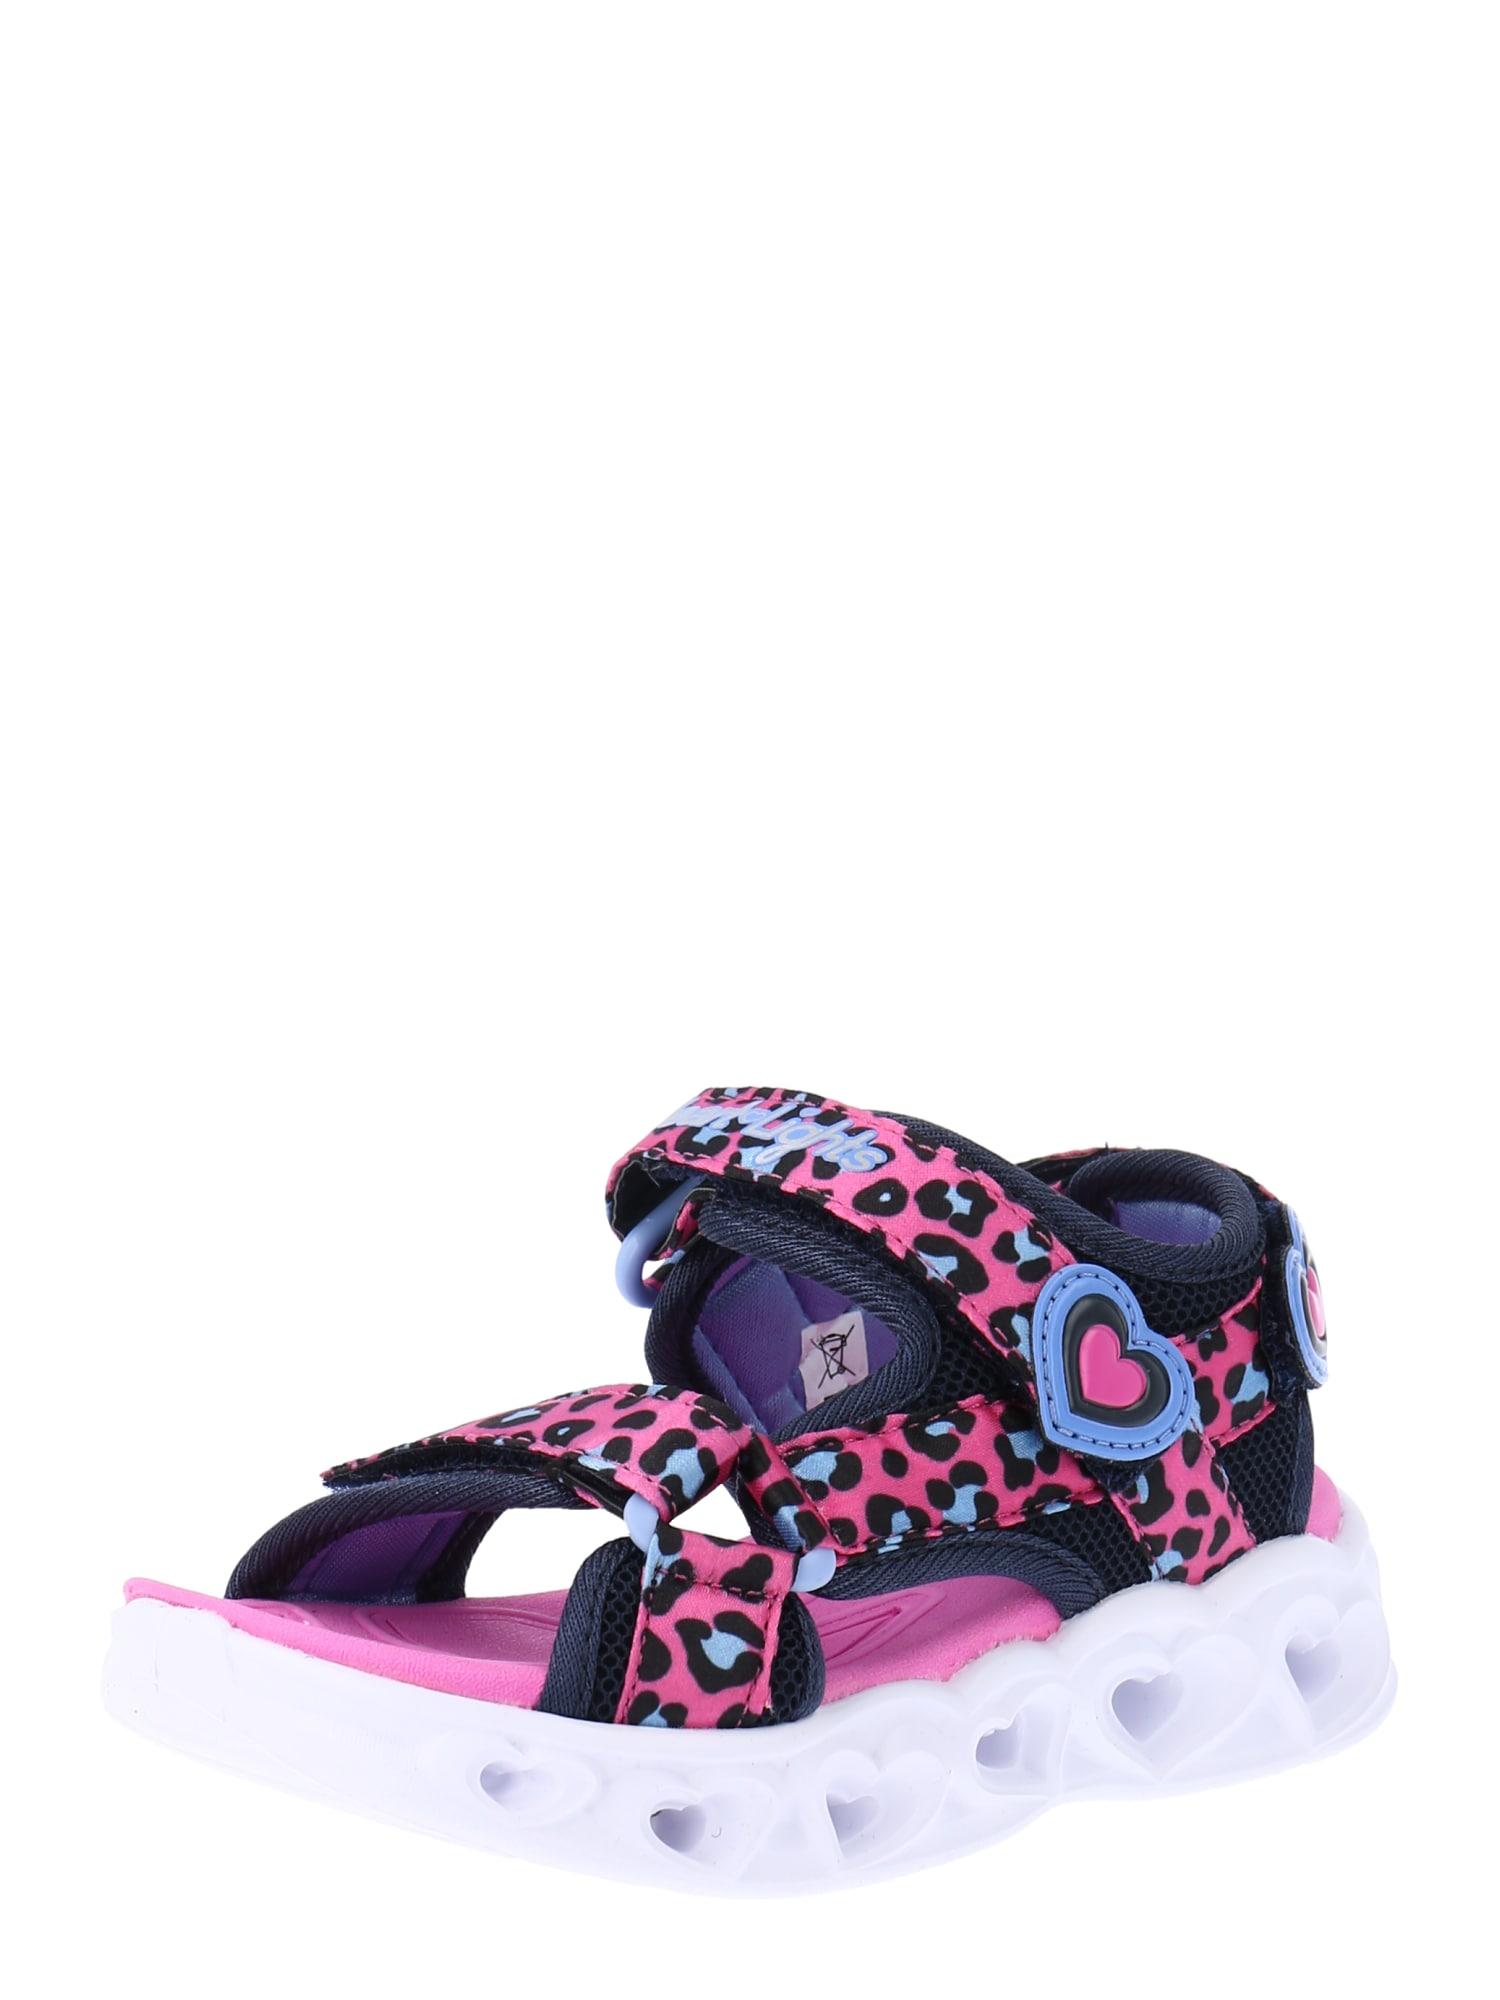 SKECHERS Sandalai juoda / rožinė / mėlyna dūmų spalva